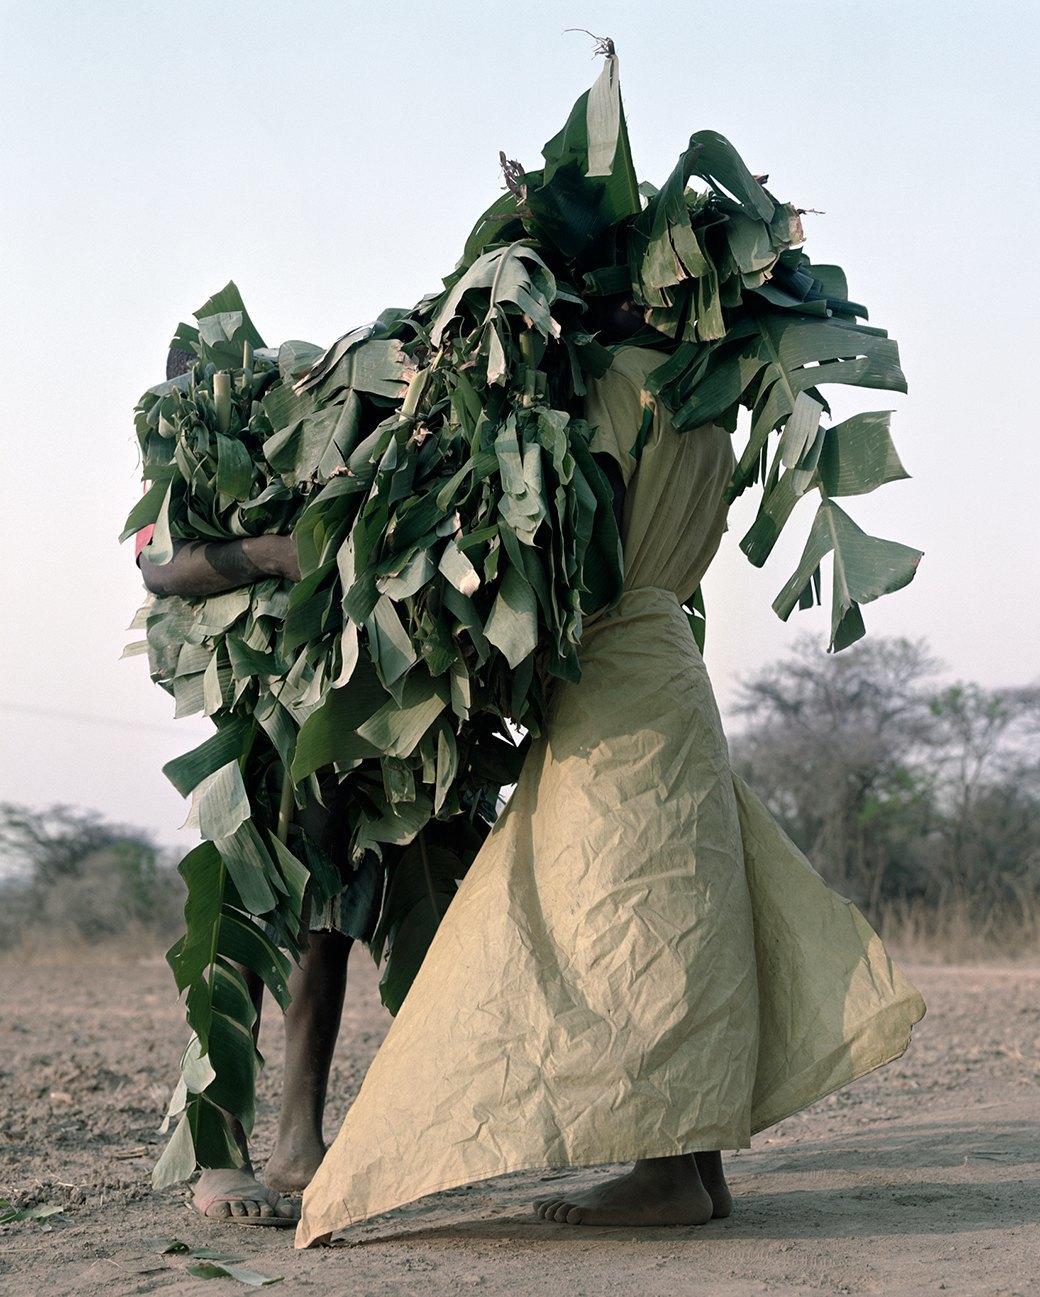 «Местность»: Обезличенный труд африканских крестьян. Изображение № 4.